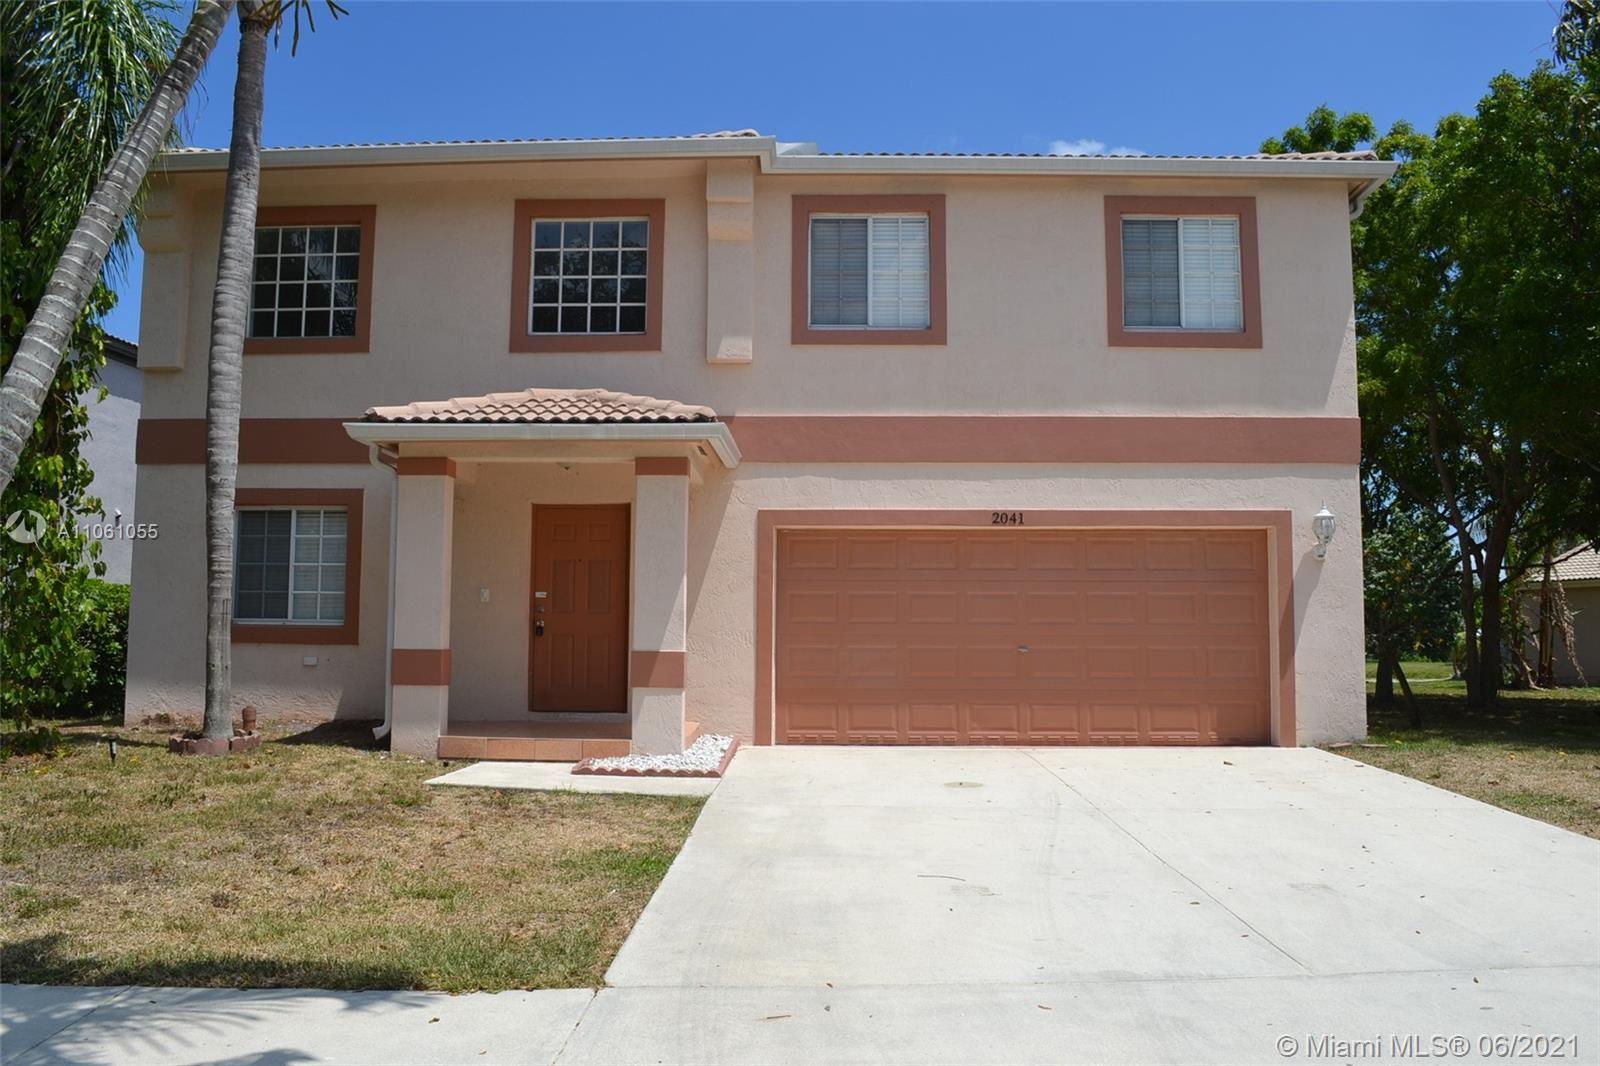 2041 SW 104th Ave, Miramar, FL 33025 - #: A11061055